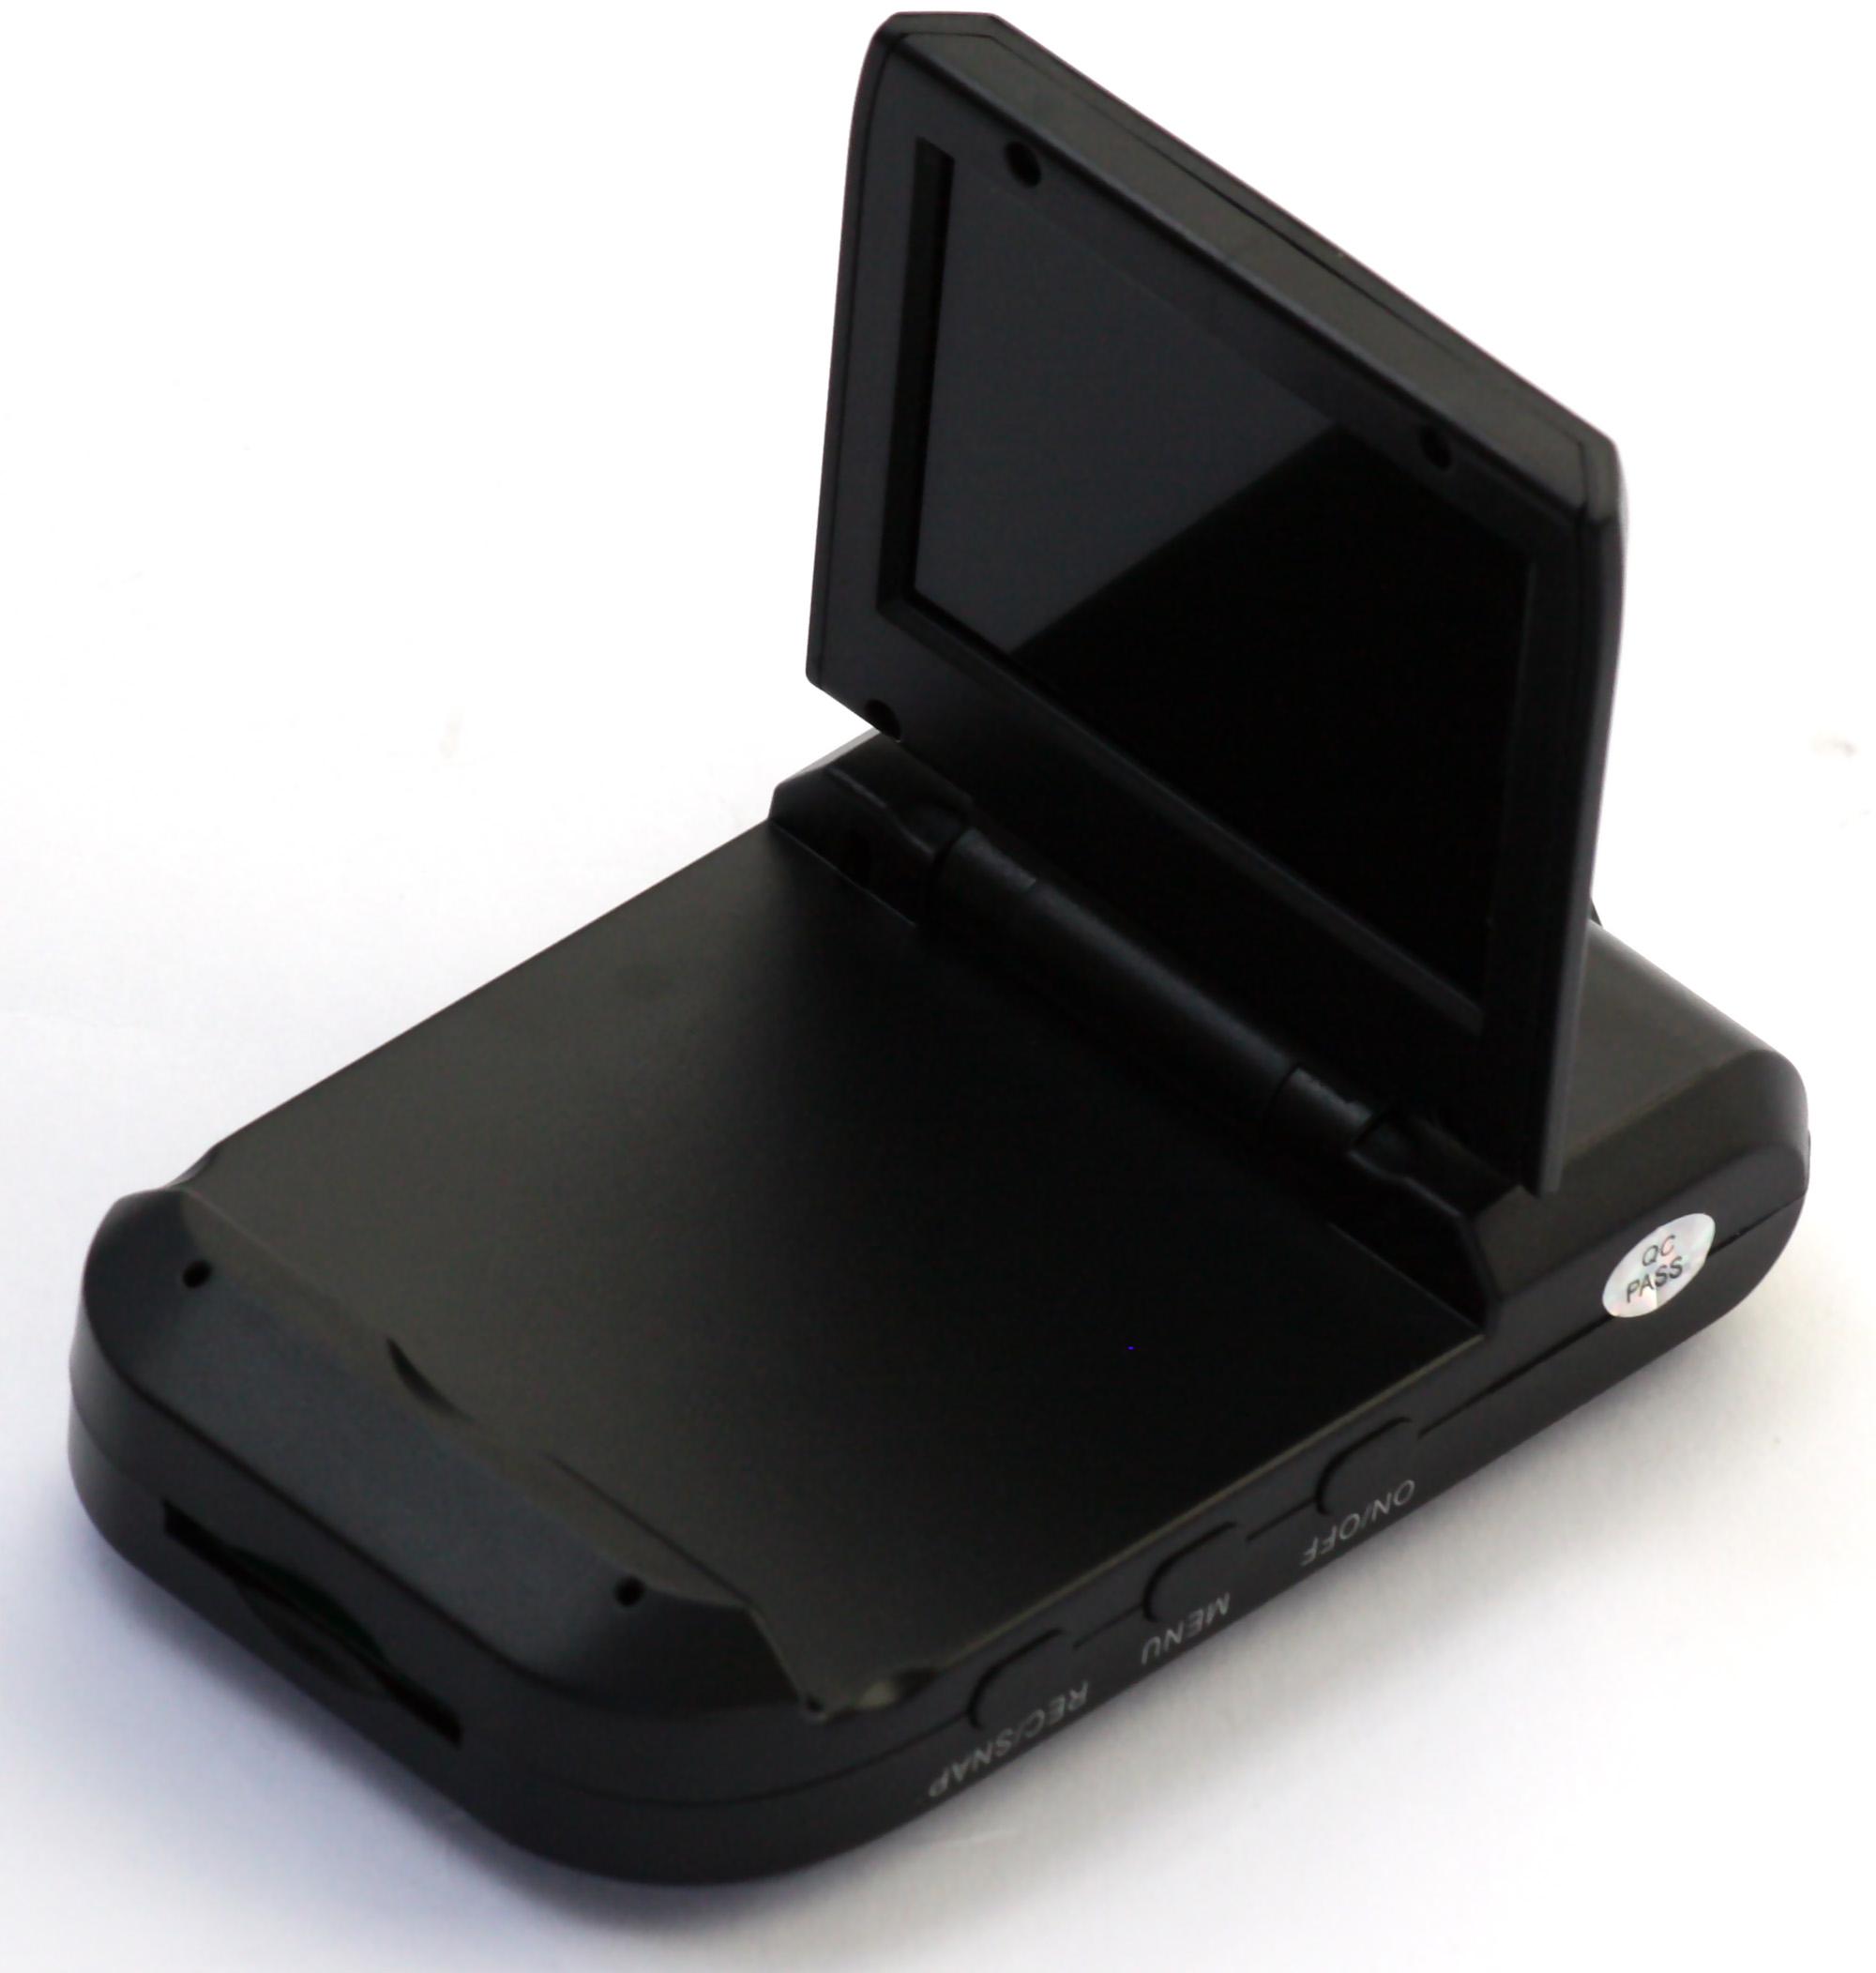 Velký test šesti kamer do auta — vyplatí se být připravený